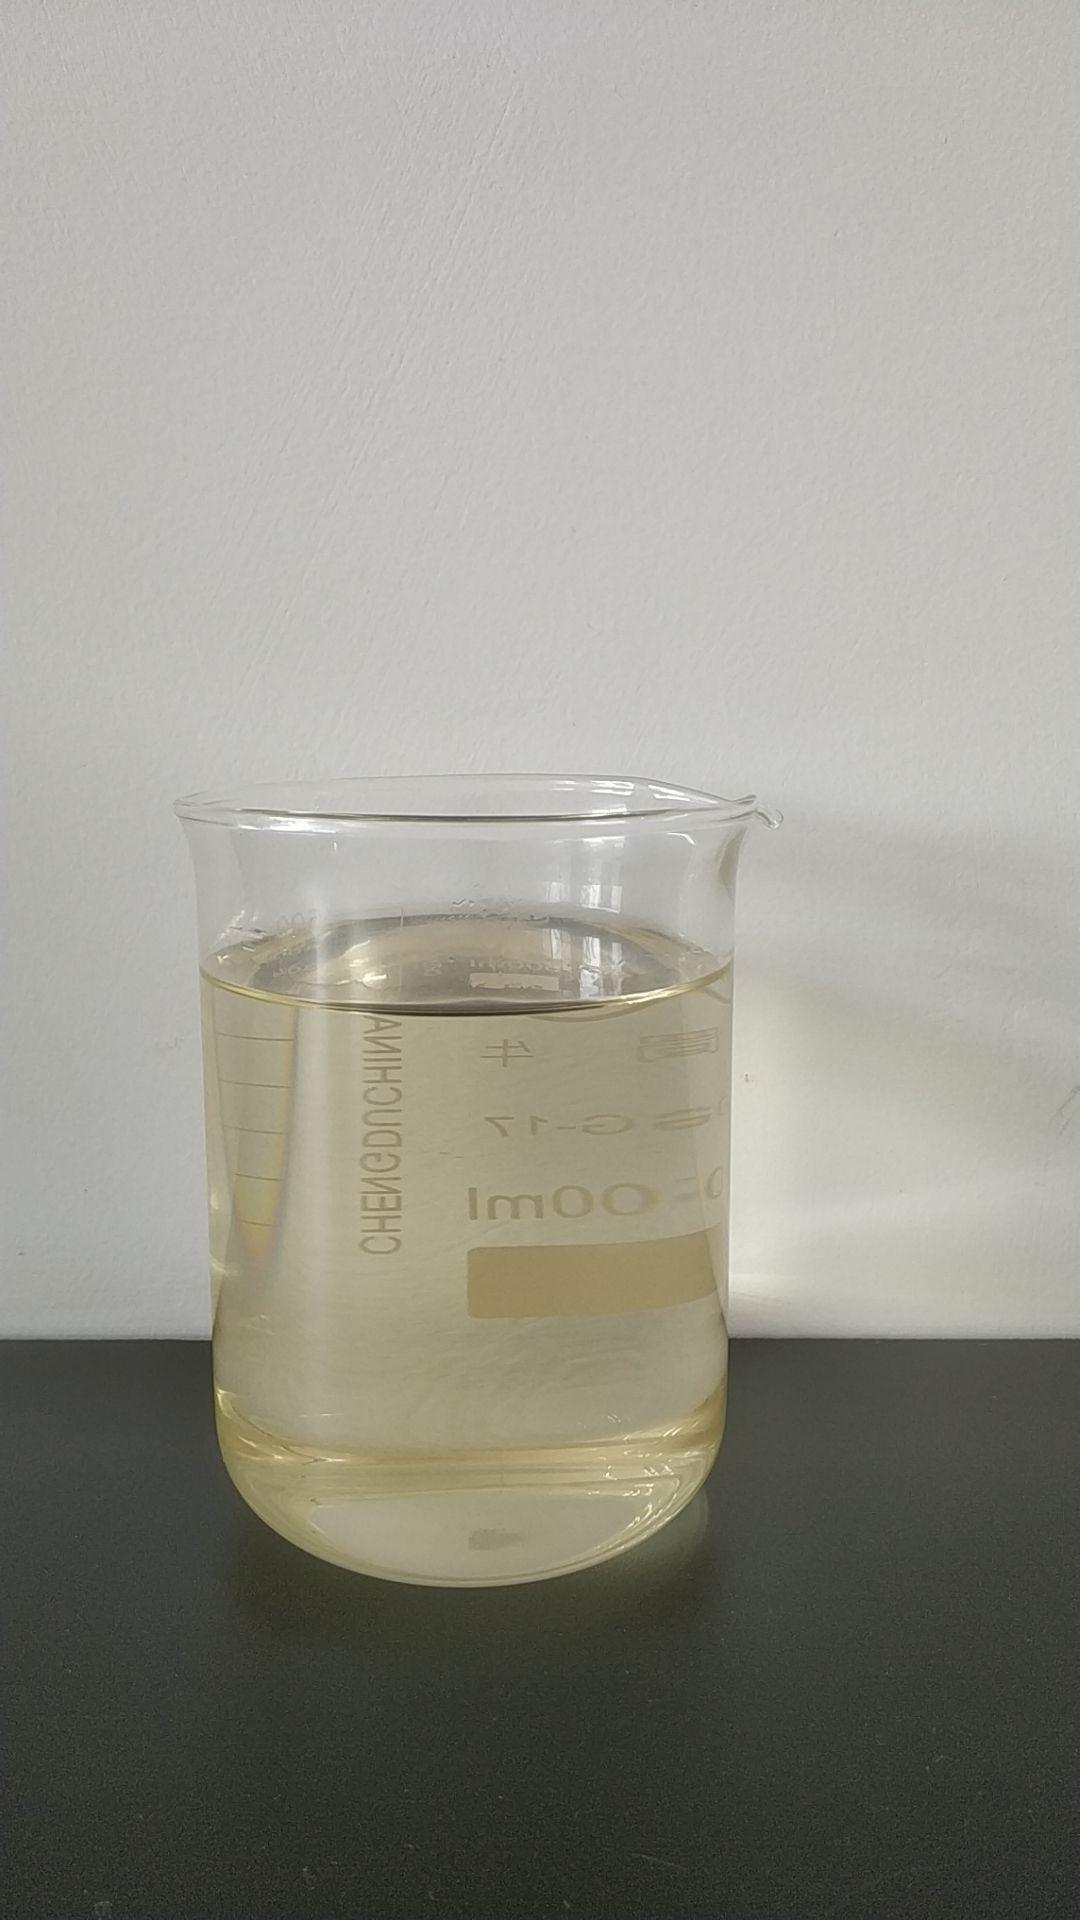 國產高純油酸90油酸廠家